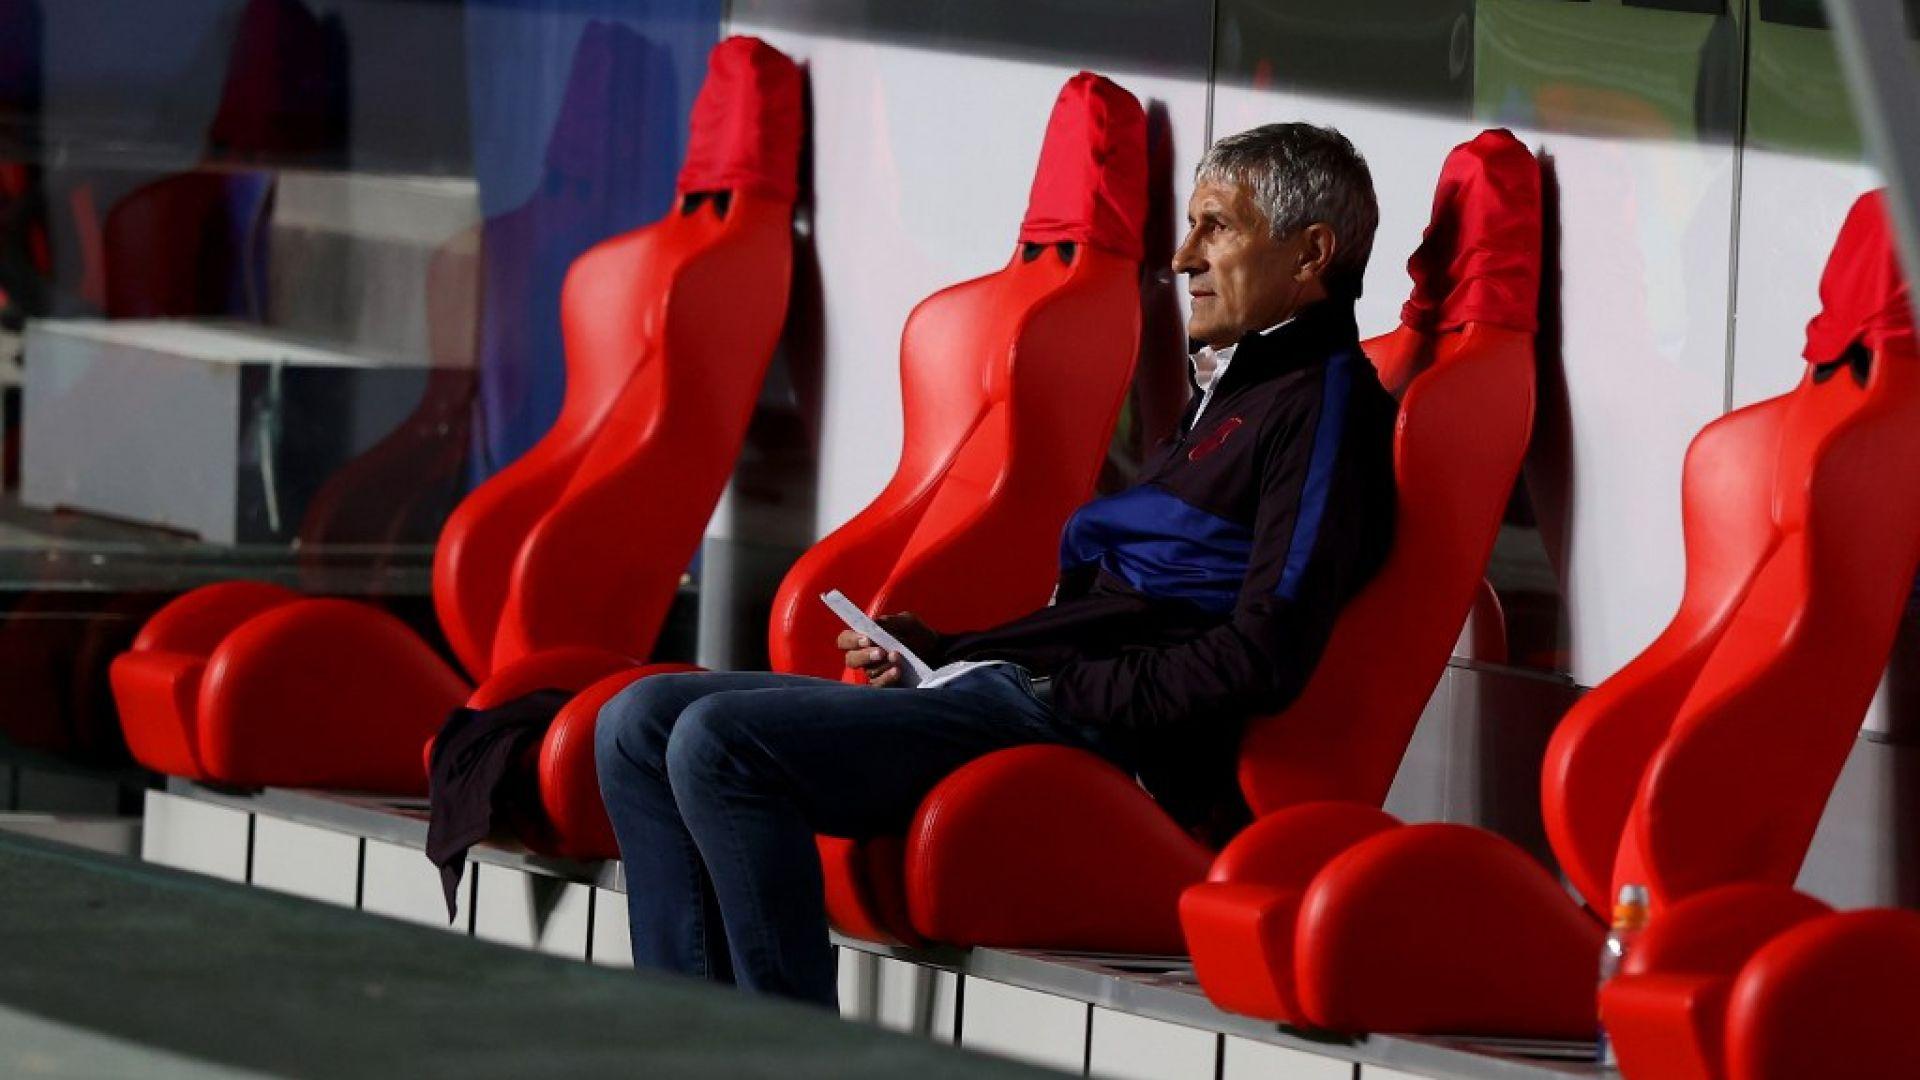 Барса уволни официално треньора, преговаря с новия и сложи на сергията 12 играчи